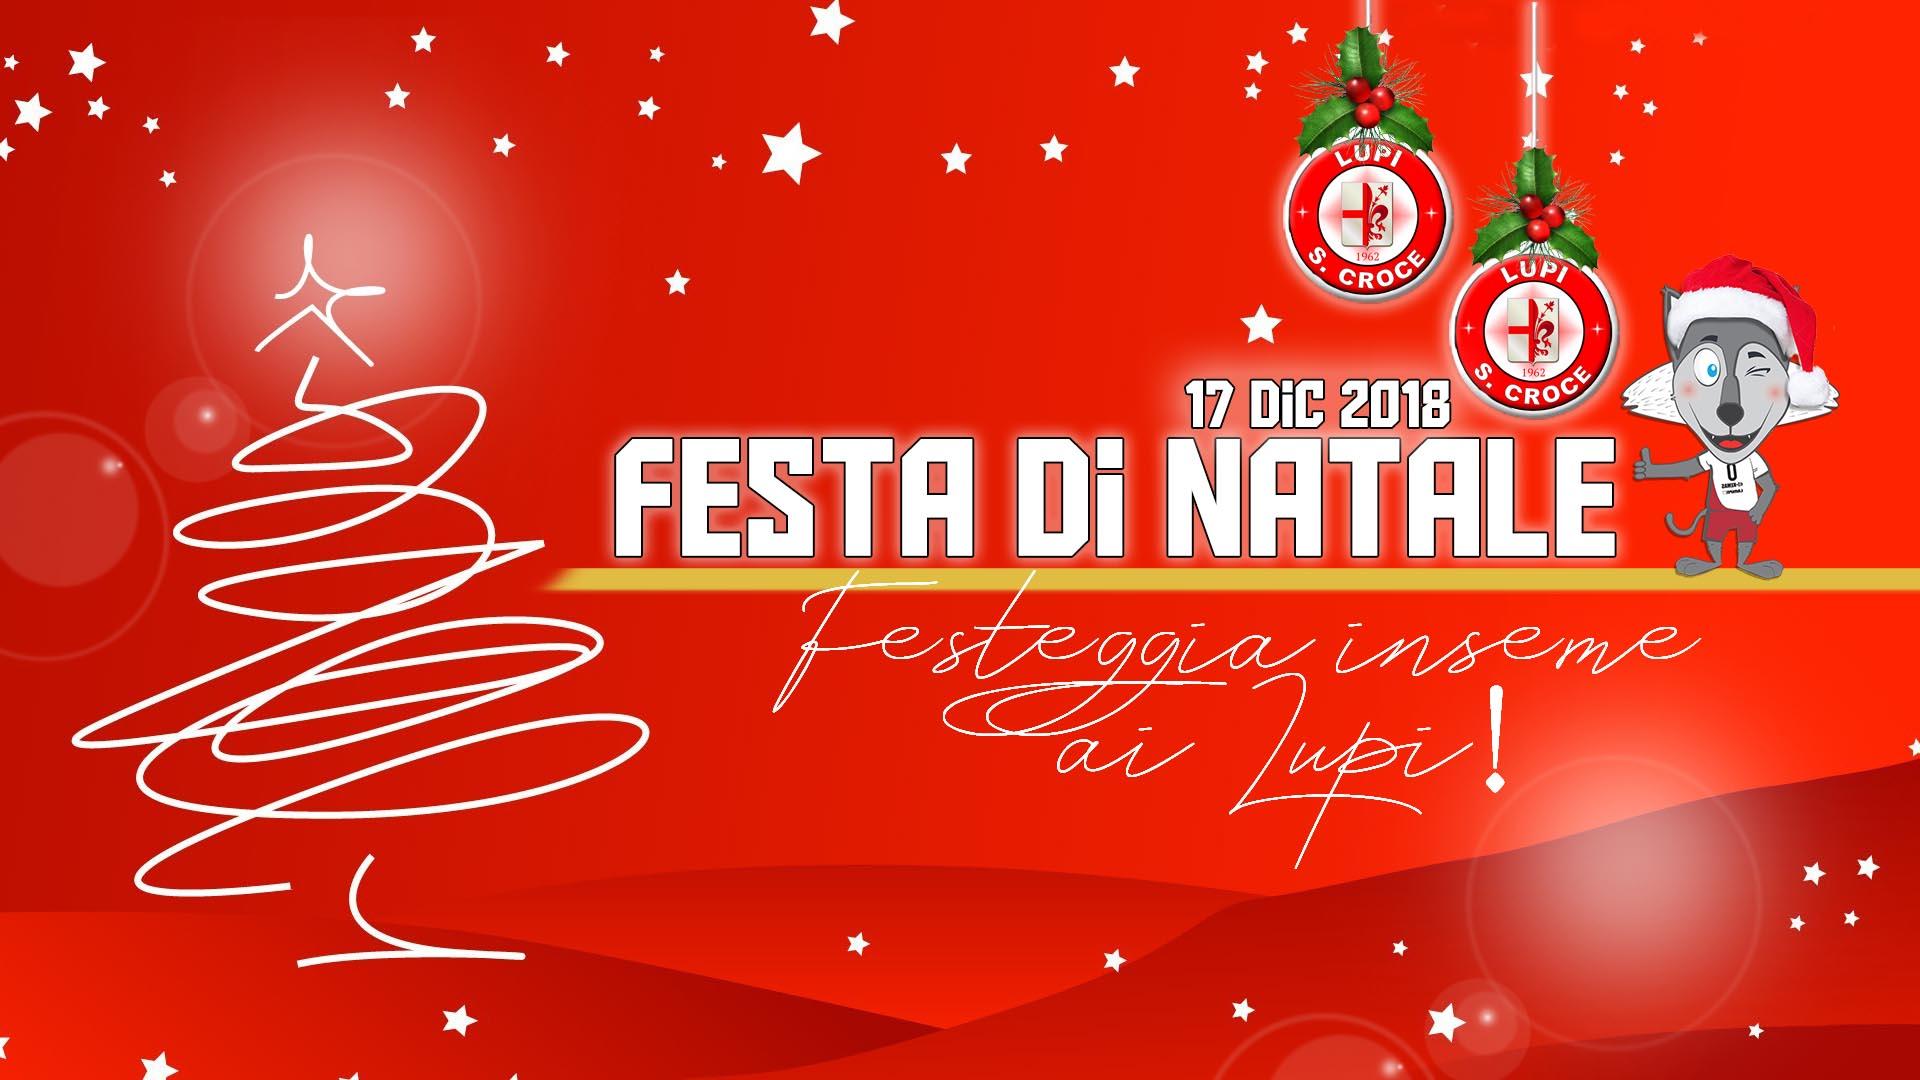 Festa Di Natale.Festa Di Natale 2018 In Casa Lupi Lunedi 17 Al Palaparenti